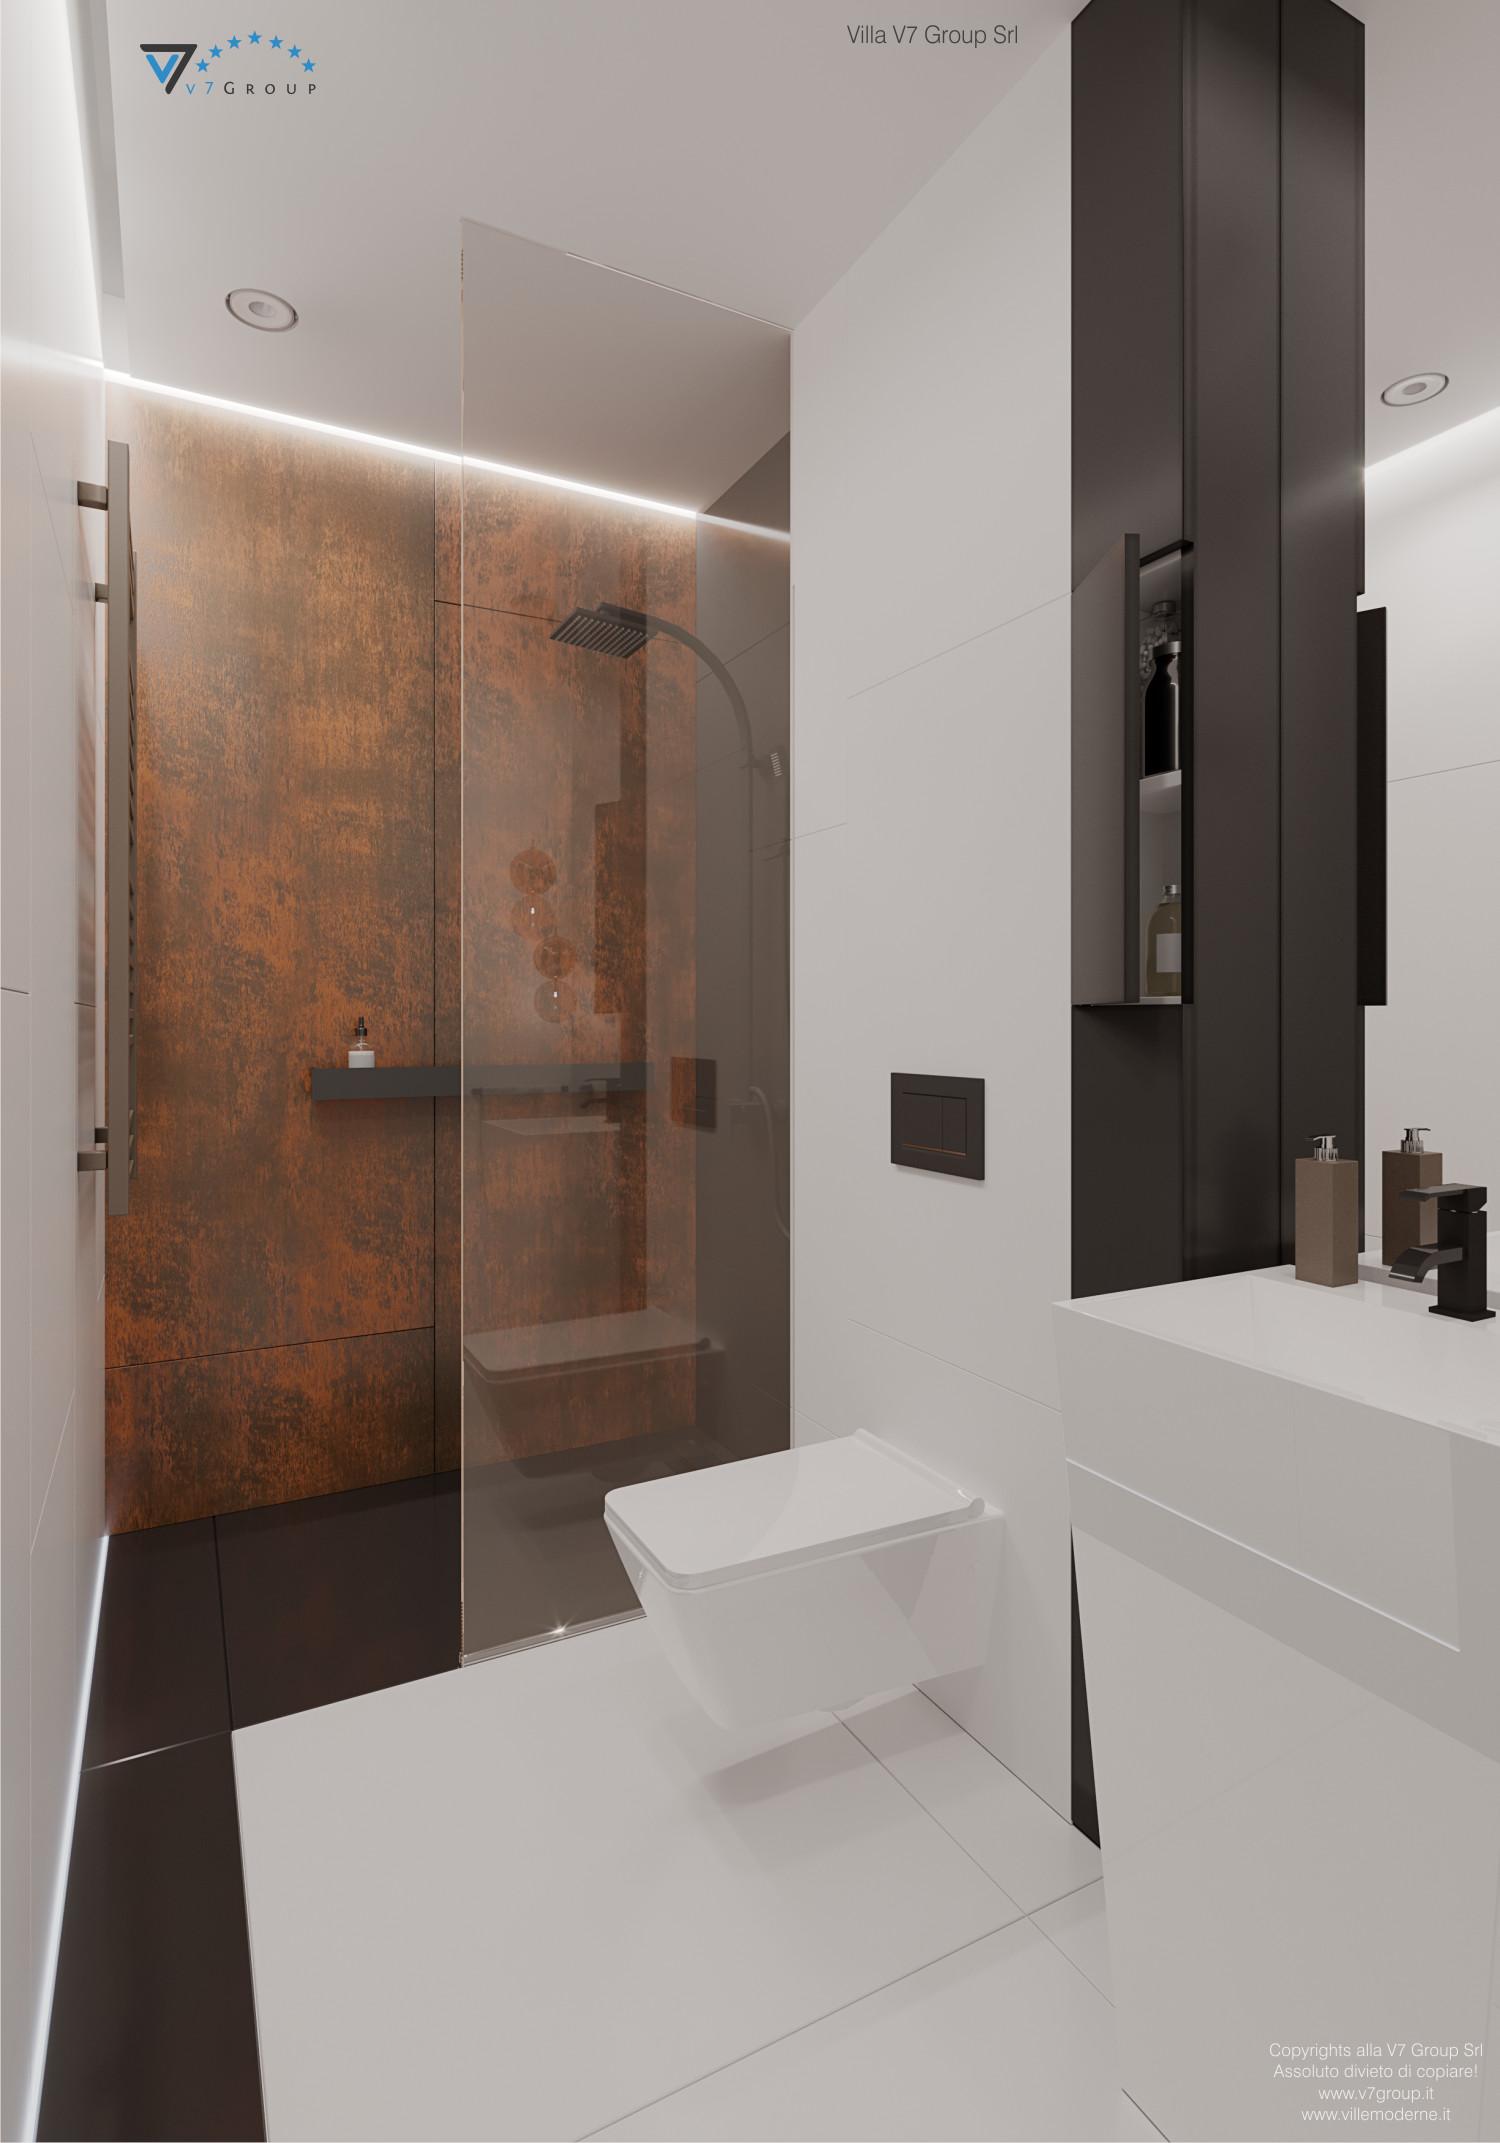 Immagine Villa V56 - interno 9 - bagno grande